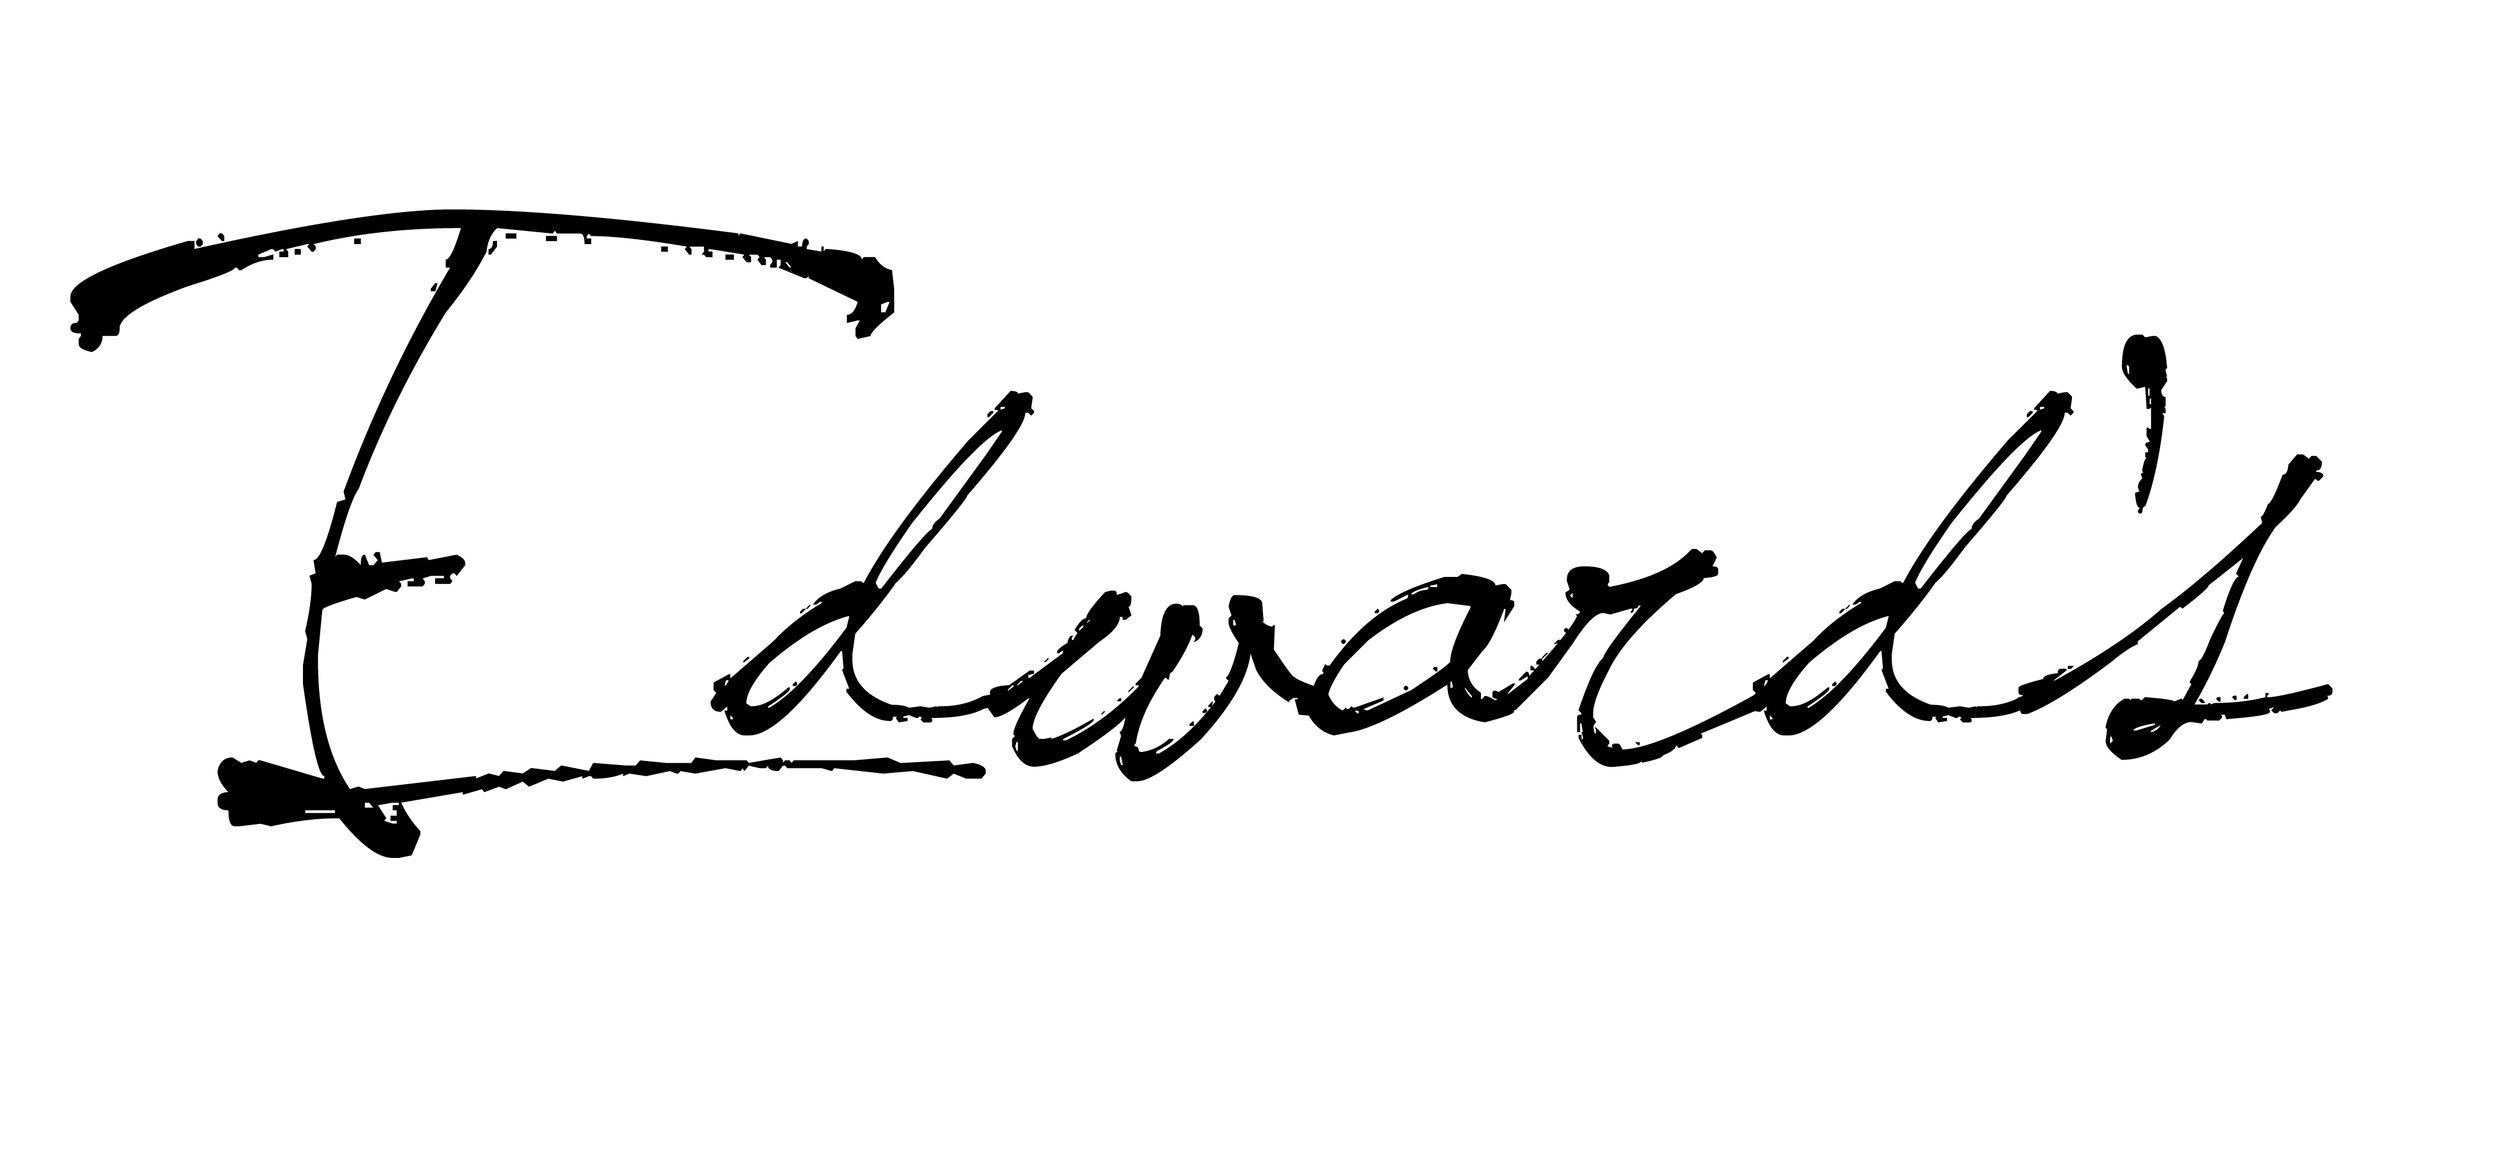 Edward's Shoes